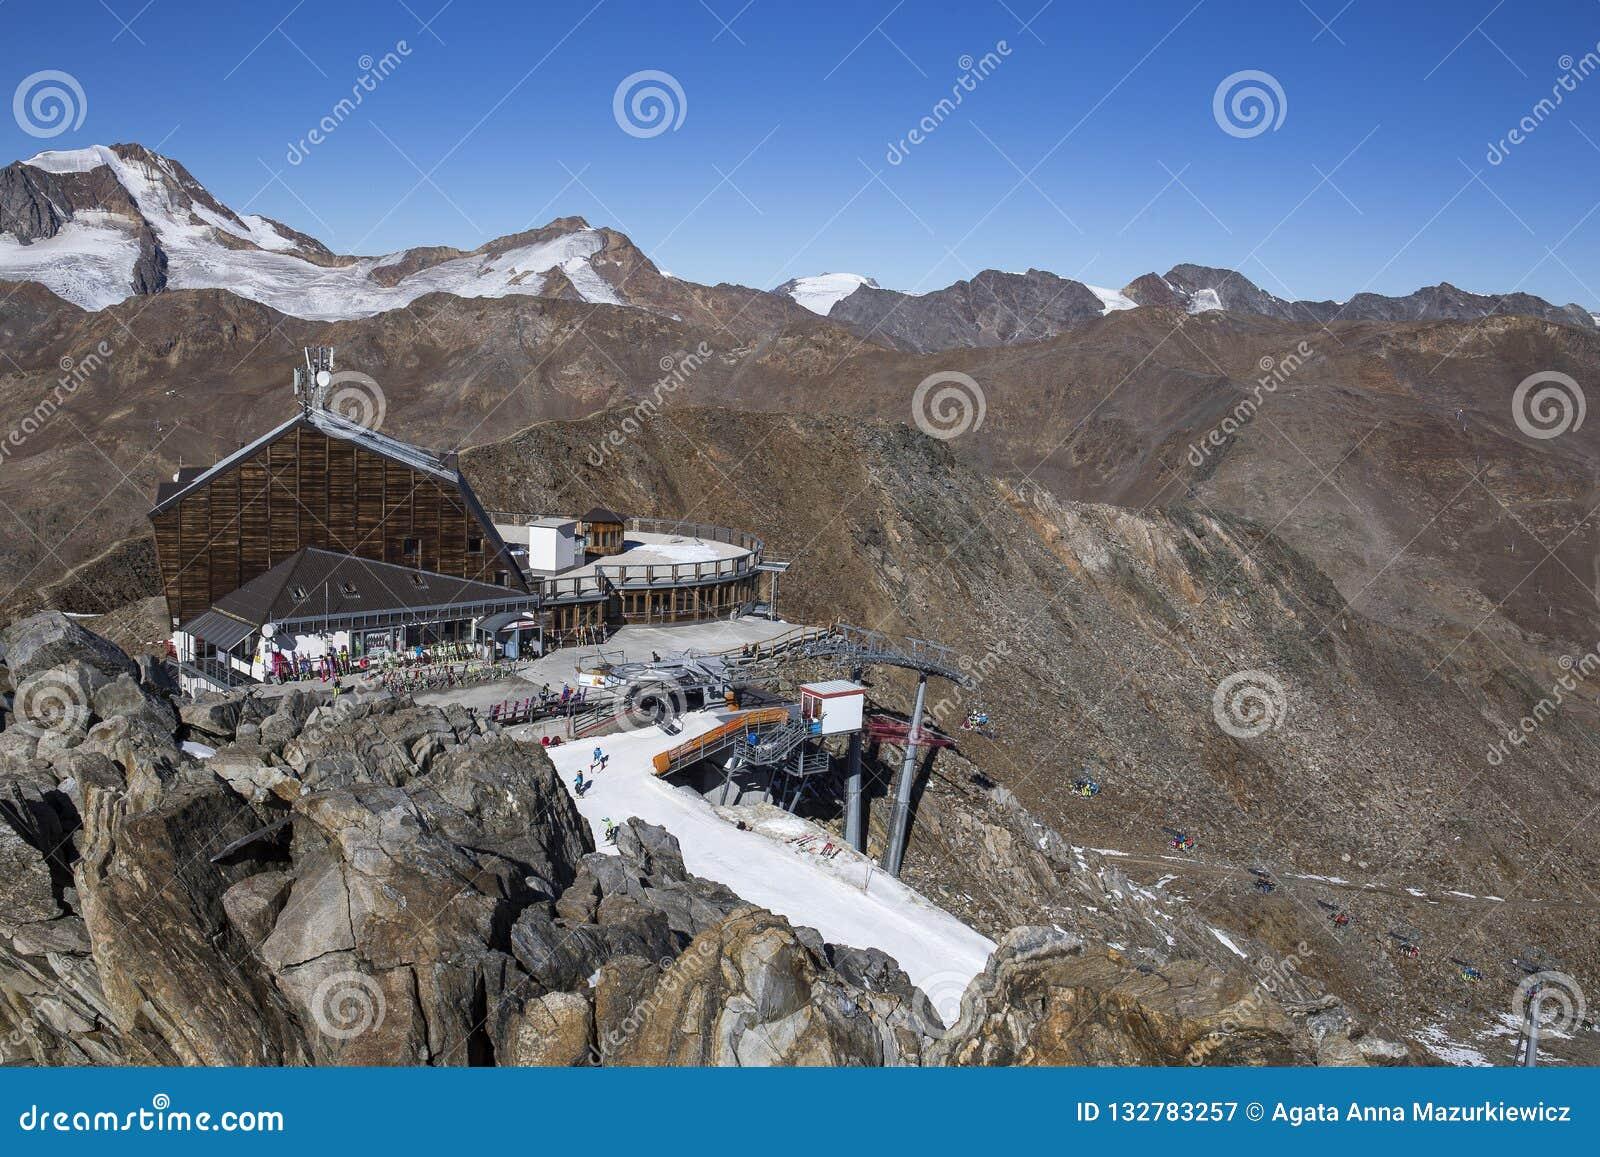 Área del esquí en Kurzras Maso Corto - vista del hotel Grawand del glaciar con el comienzo a esquiar piste